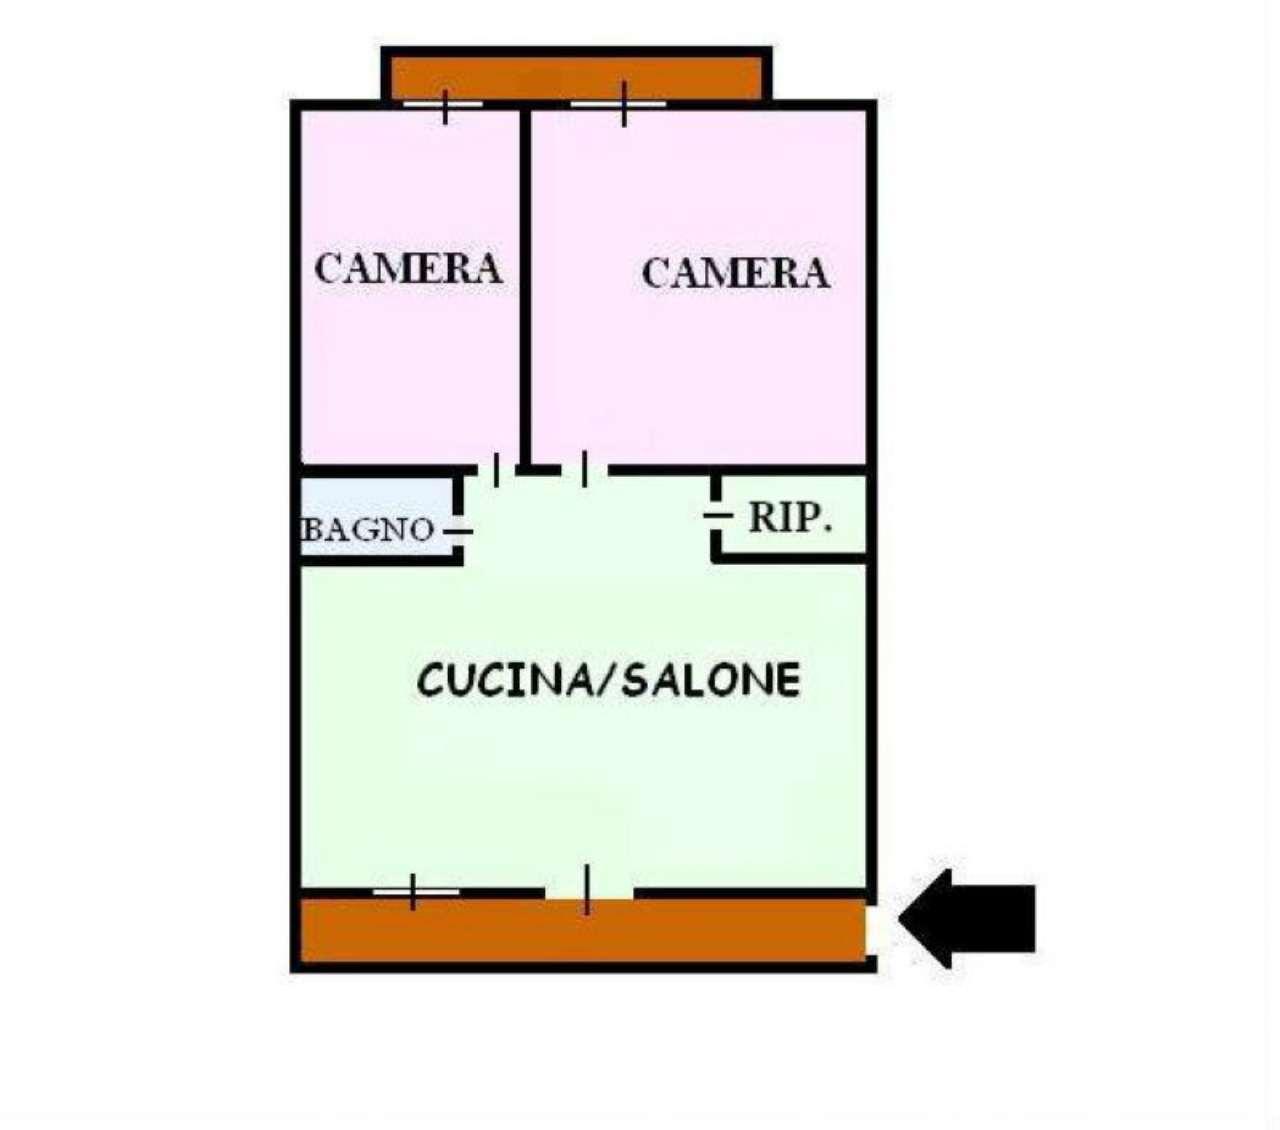 Appartamento in vendita a San Giorgio a Cremano, 1 locali, prezzo € 58.000 | Cambio Casa.it